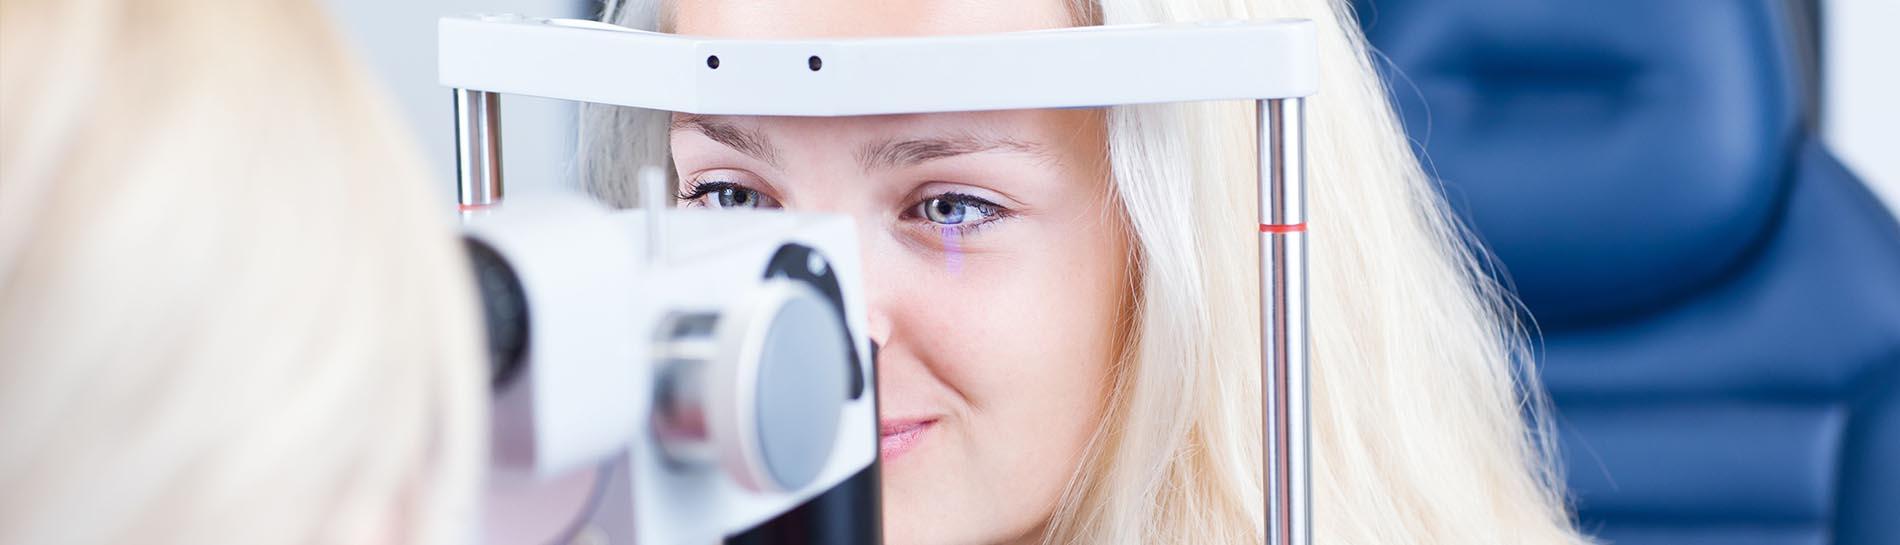 nem műtéti látásjavítás vannak-e a látás javulásának esetei?